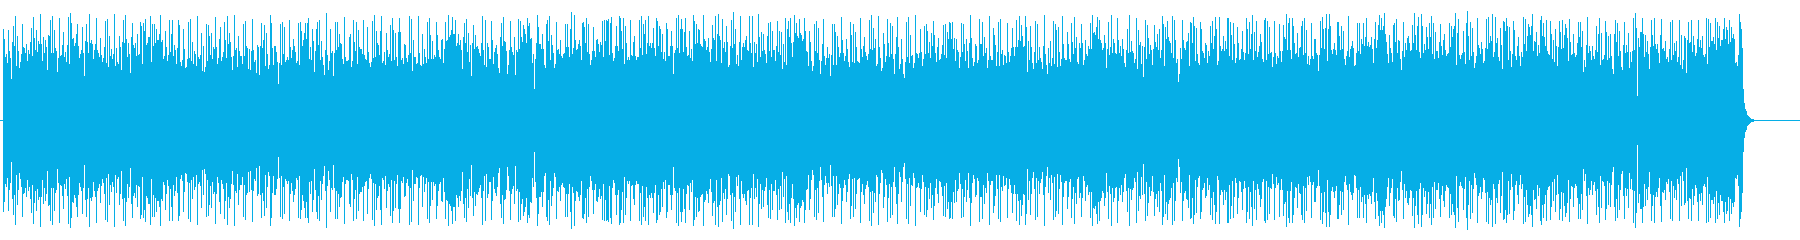 健やかなほのぼのポップ(フルサイズ)の再生済みの波形